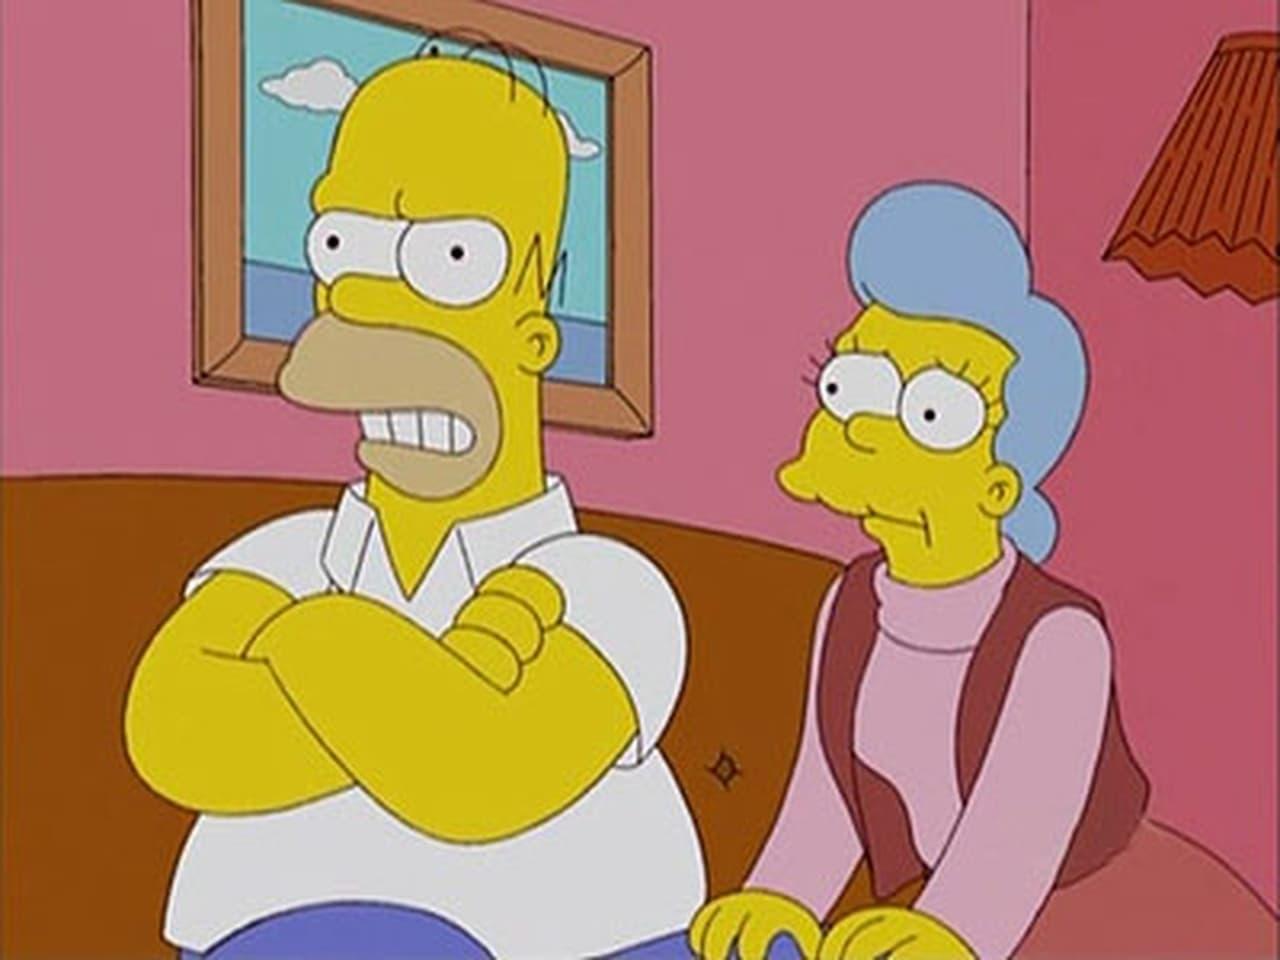 The Simpsons - Season 19 Episode 19 : Mona Leaves-a